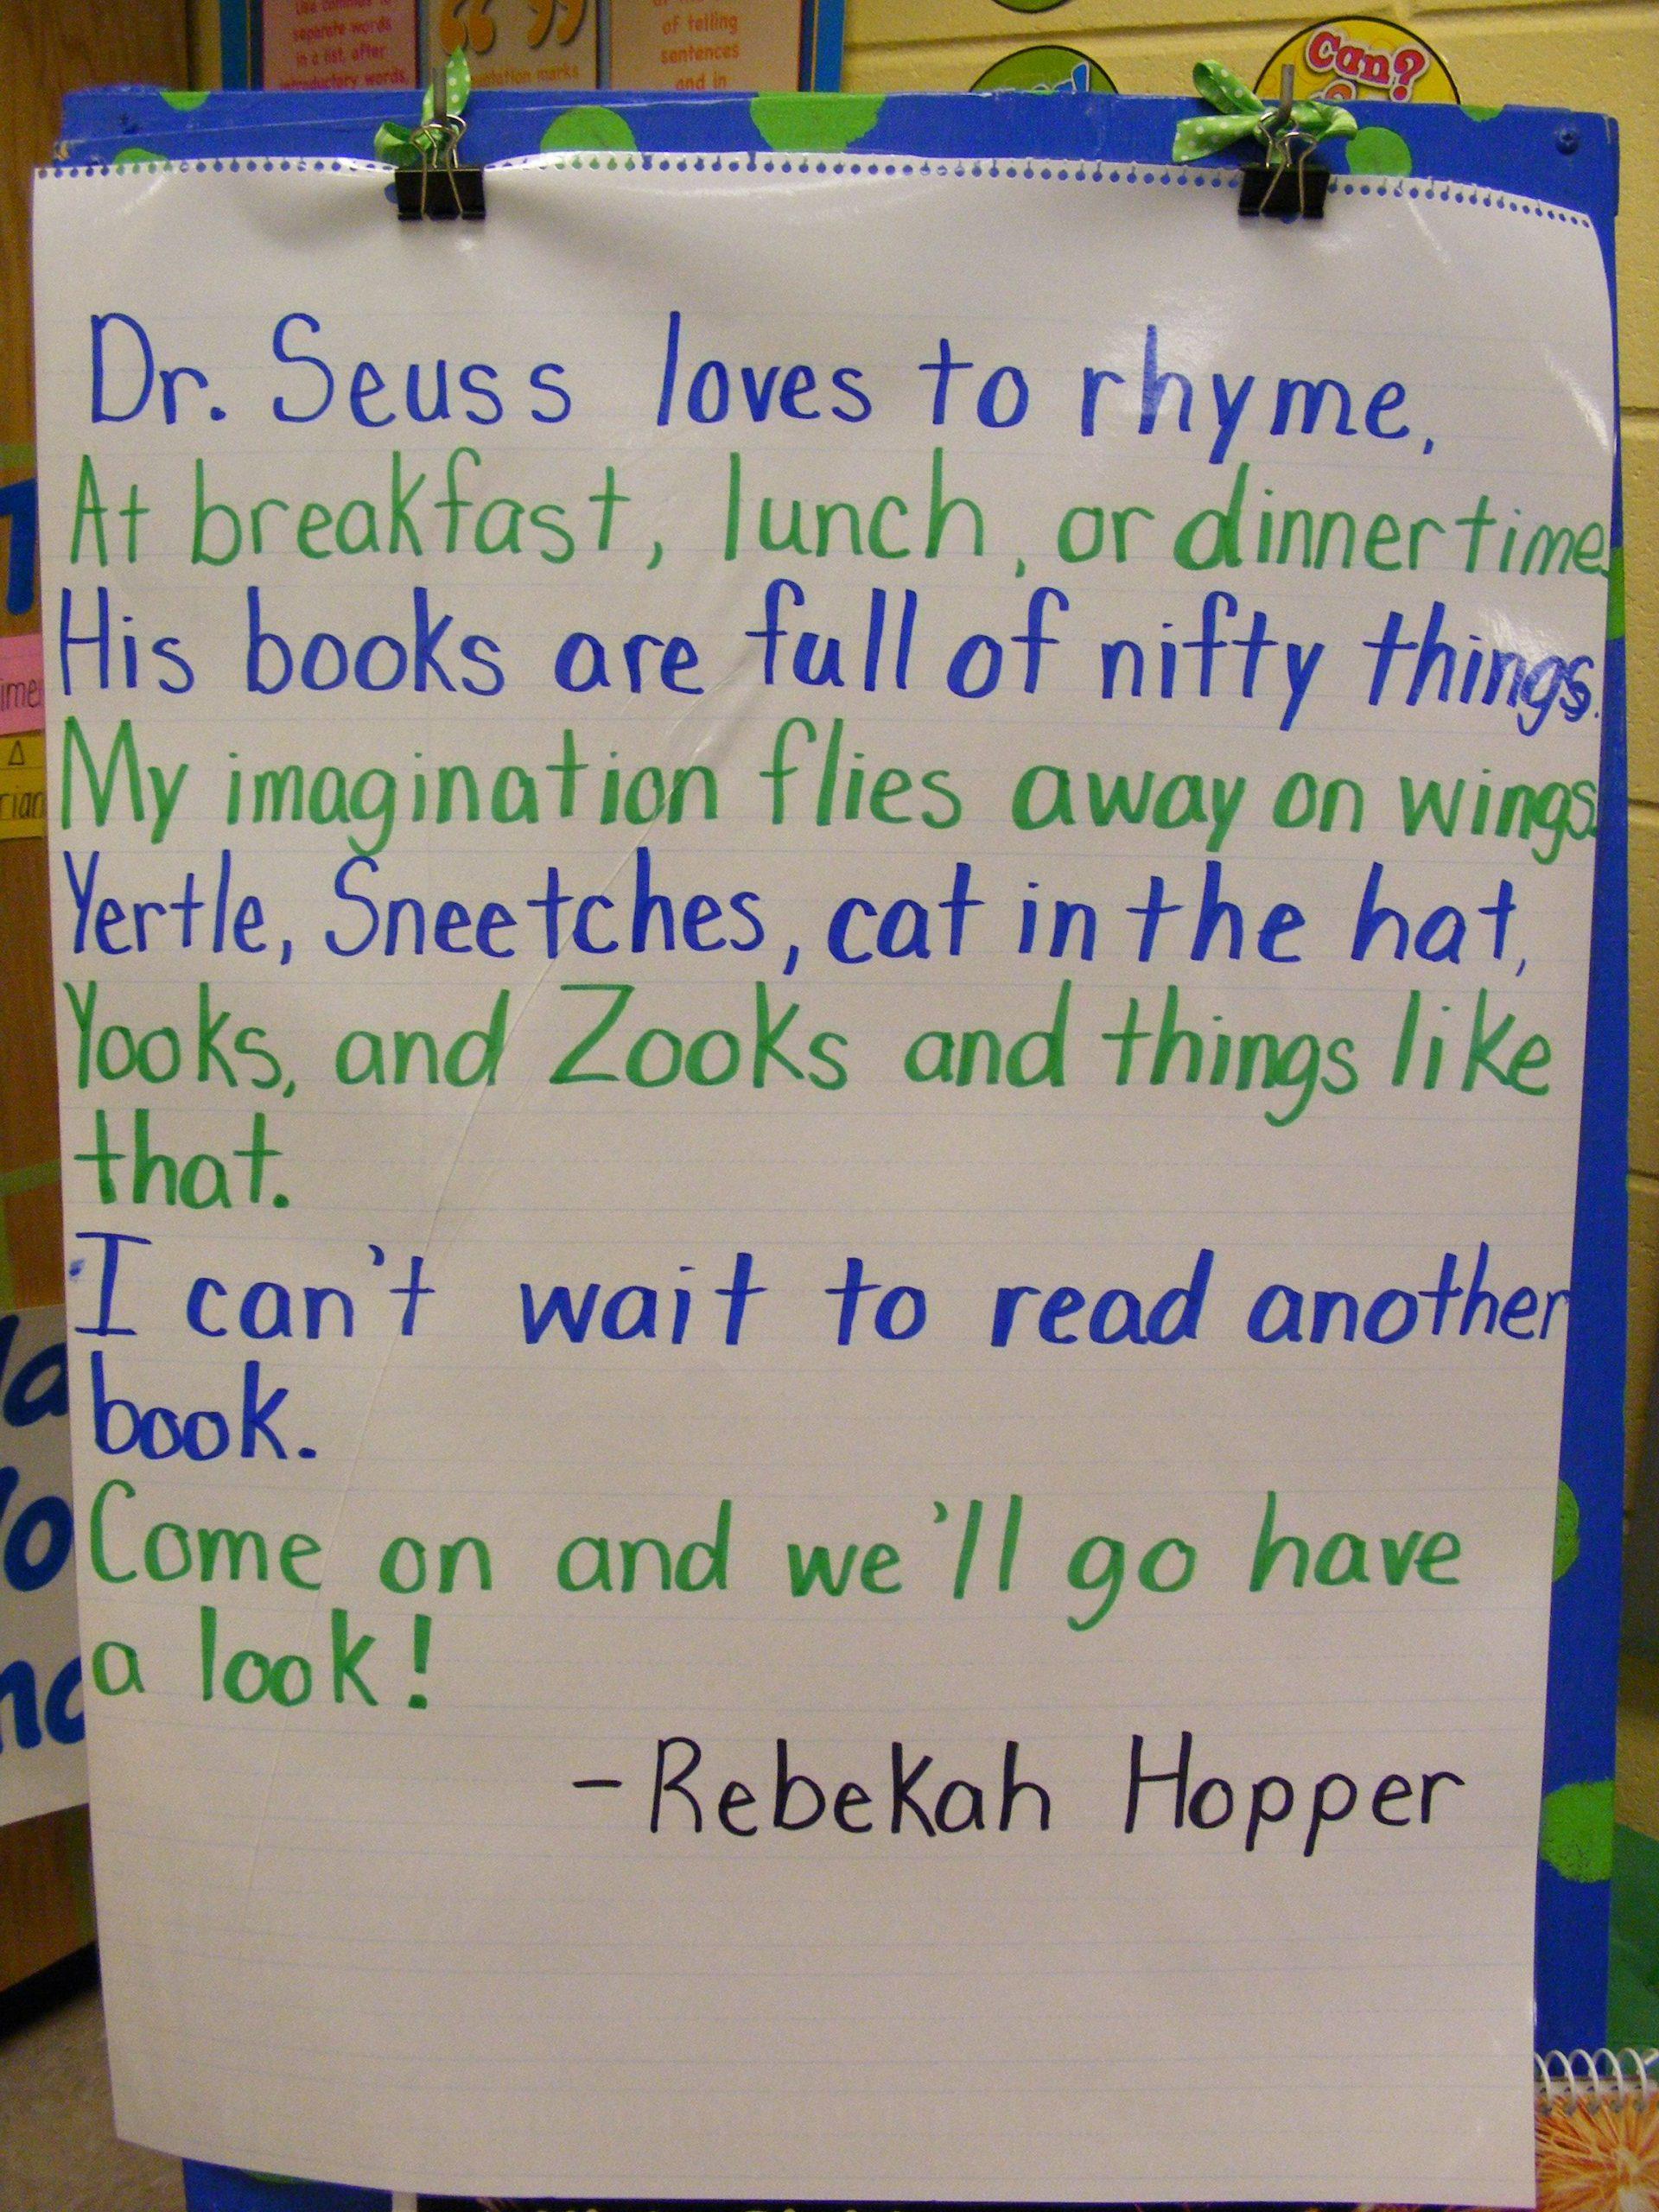 Poem: A Wonderful Poem About The Adventures Dr. Seuss' Books